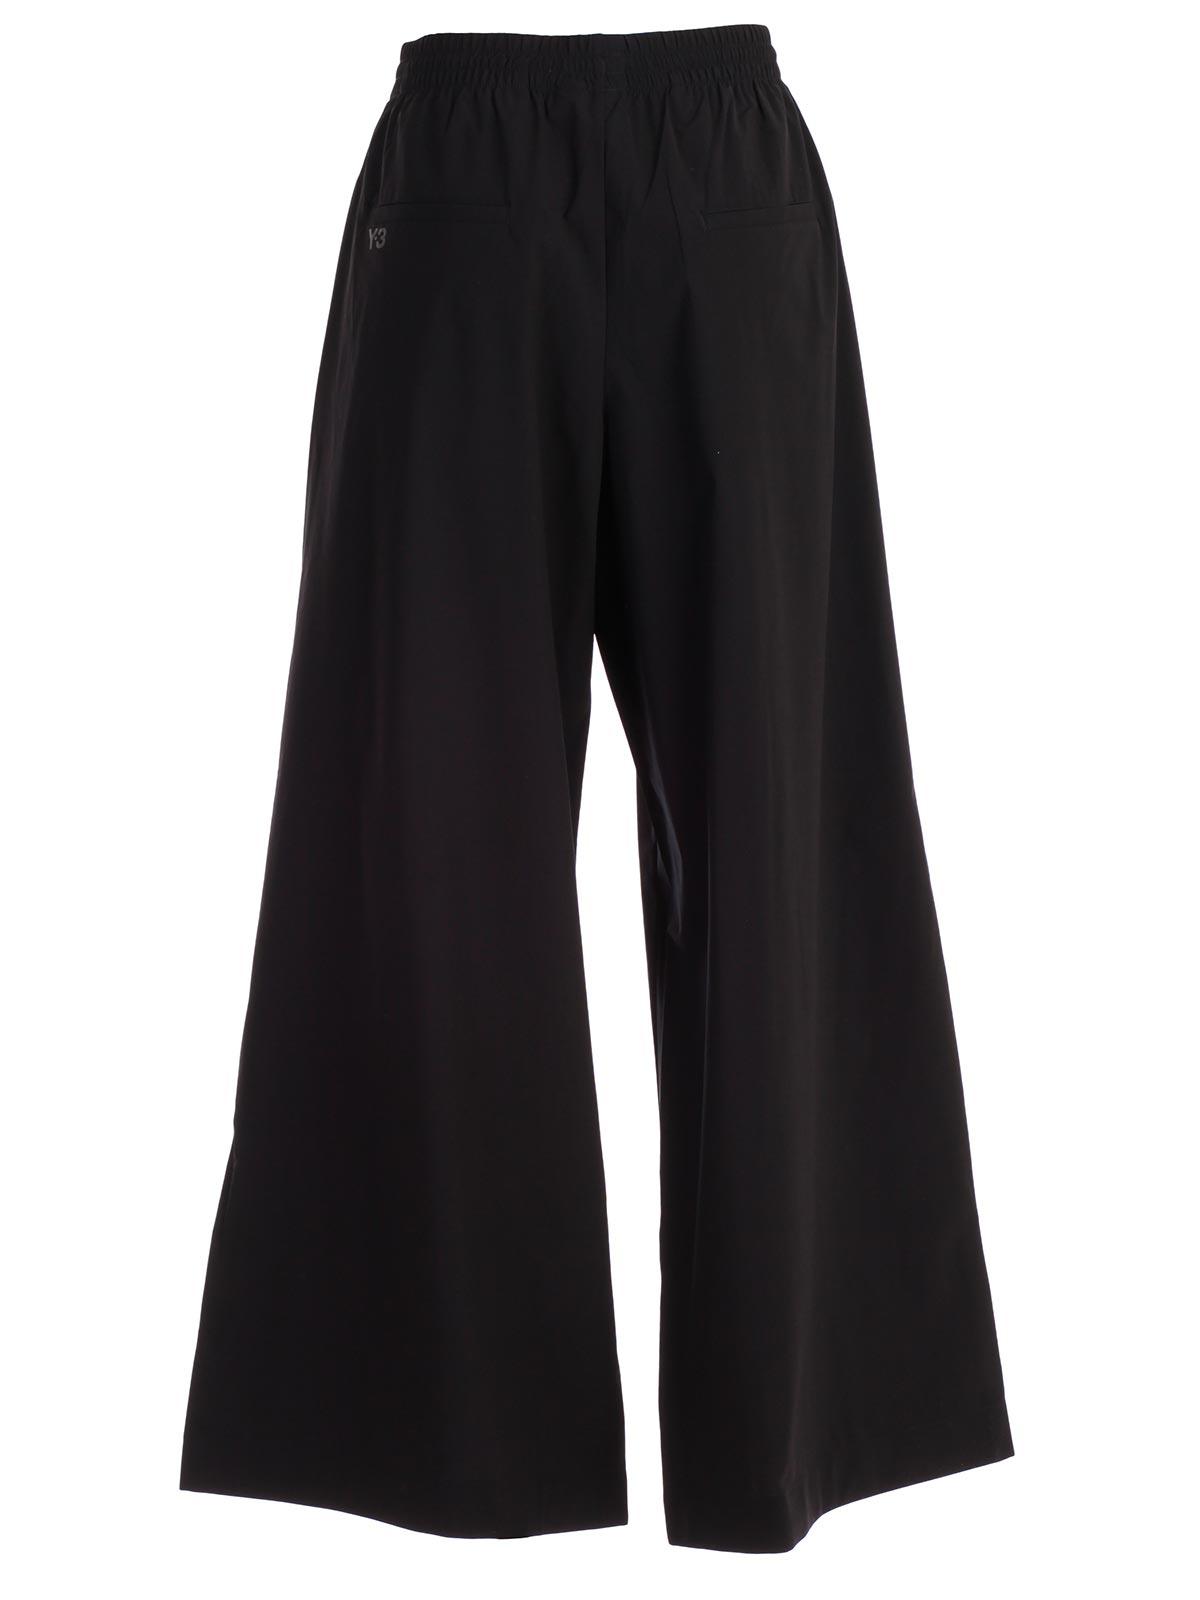 ccb035dd5a4ea Y-3 Yohji Yamamoto Adidas Trousers DY7236 - BLACK.Bernardelli Store ...